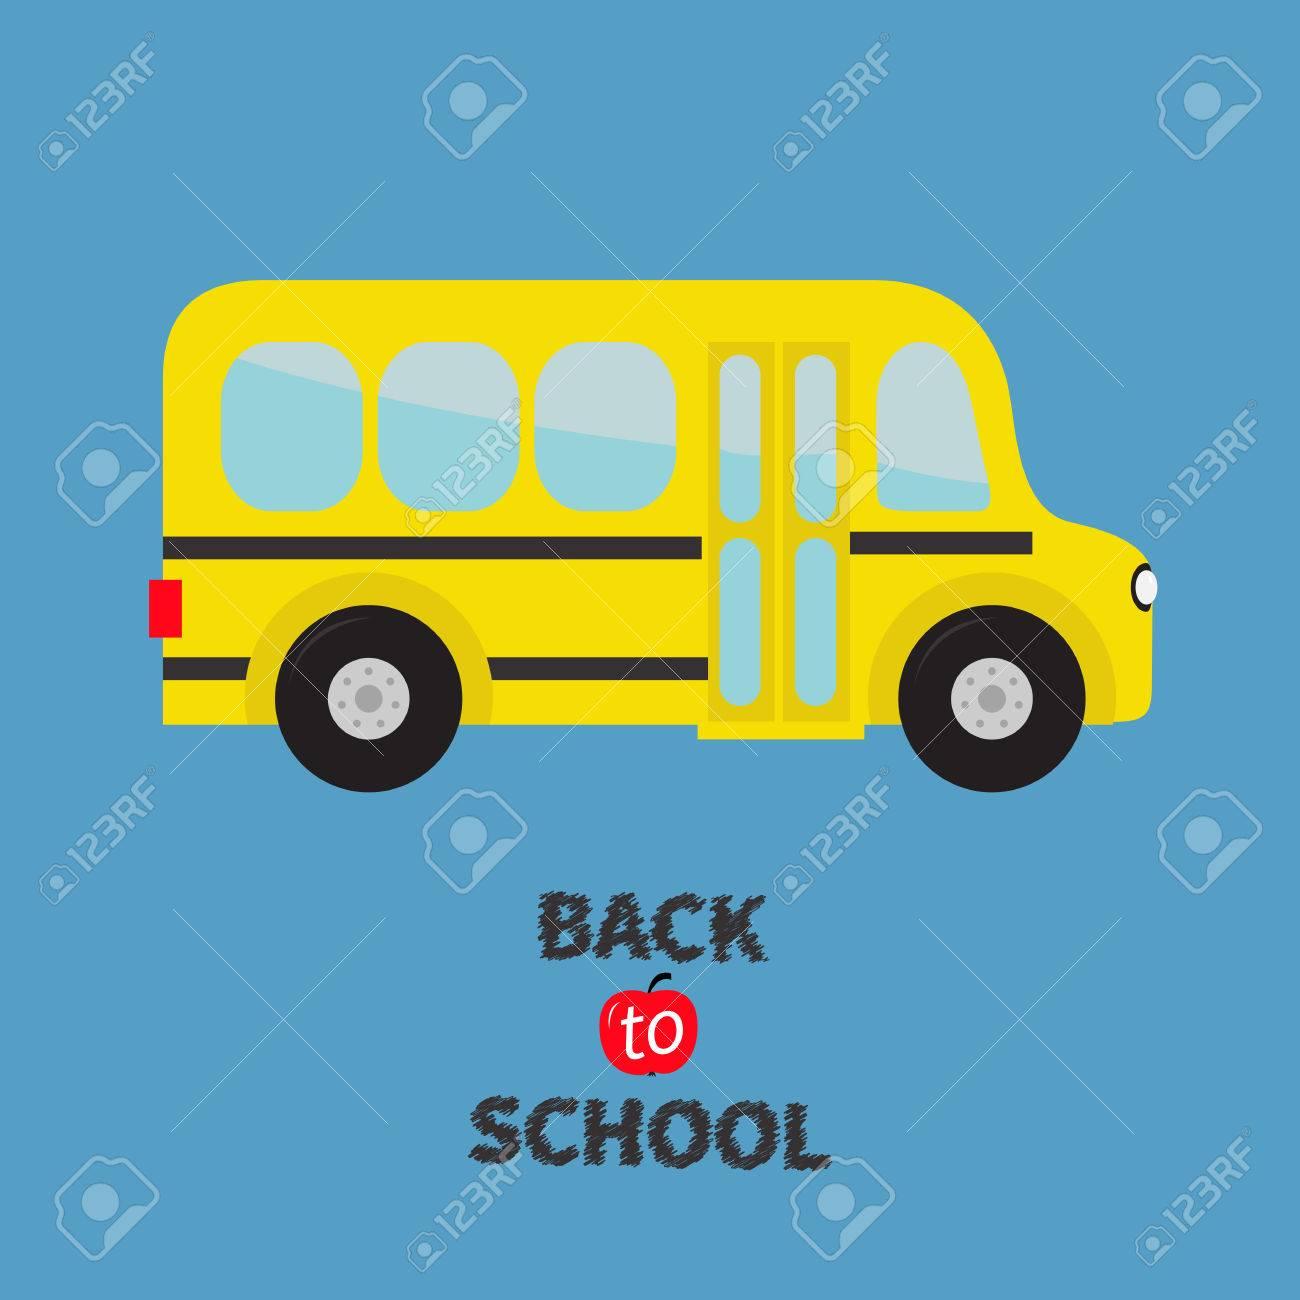 Jaune Autobus Scolaire Enfants Dessin Animé Transport Collection Baby Vue De Côté Retour à L école Carte De Voeux Design Plat Isolé Fond